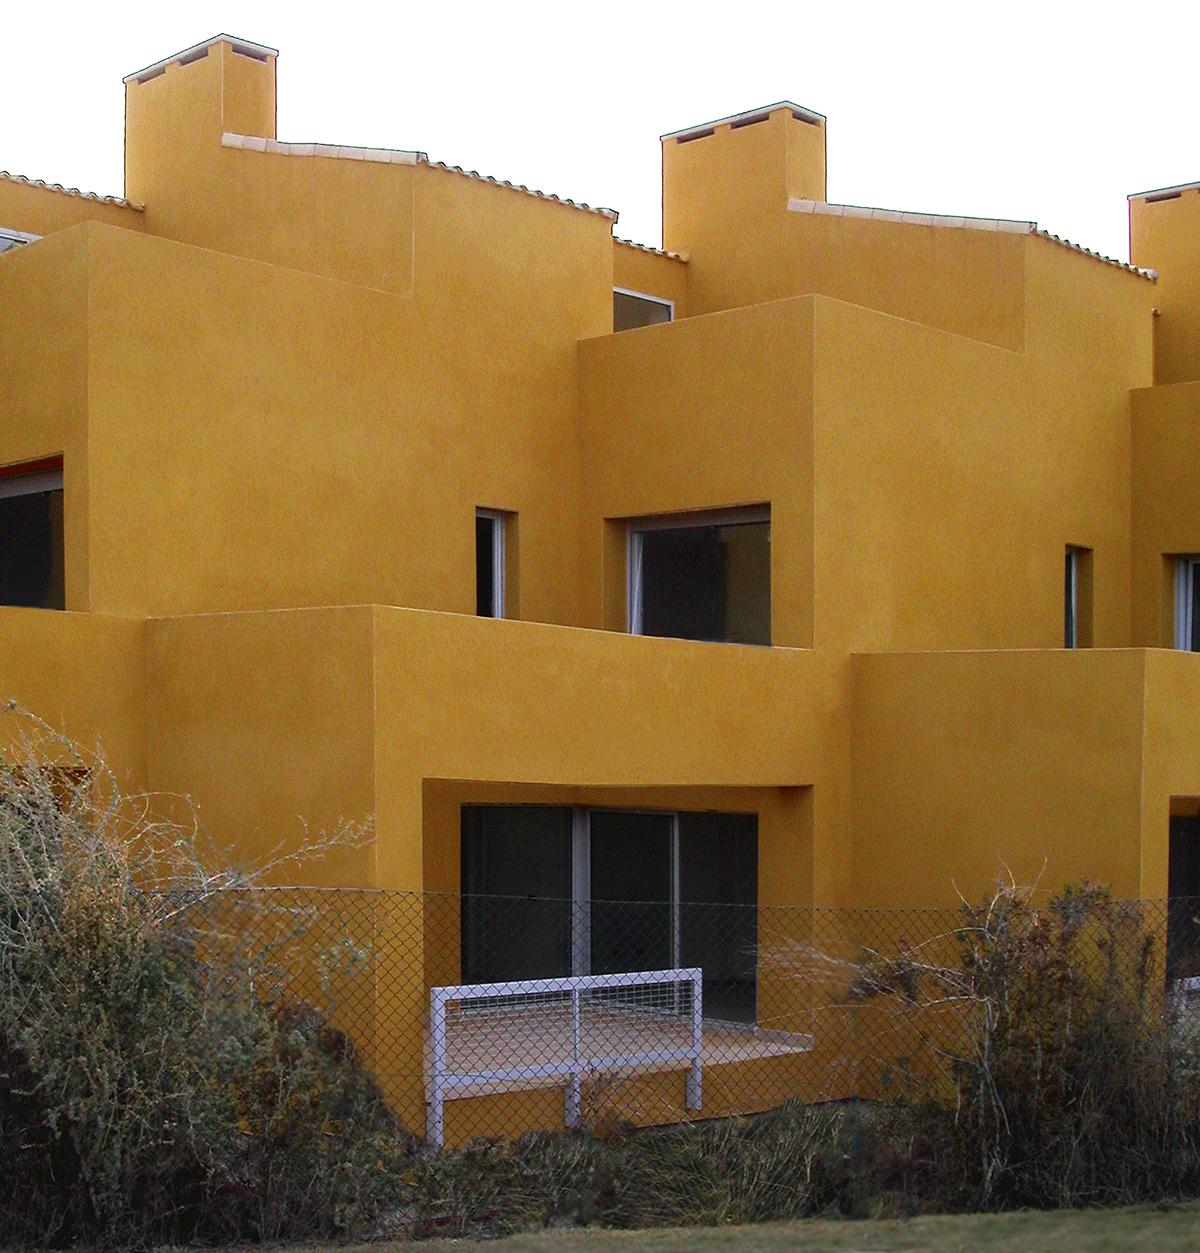 136 viviendas adosadas | Imagen de proyecto4